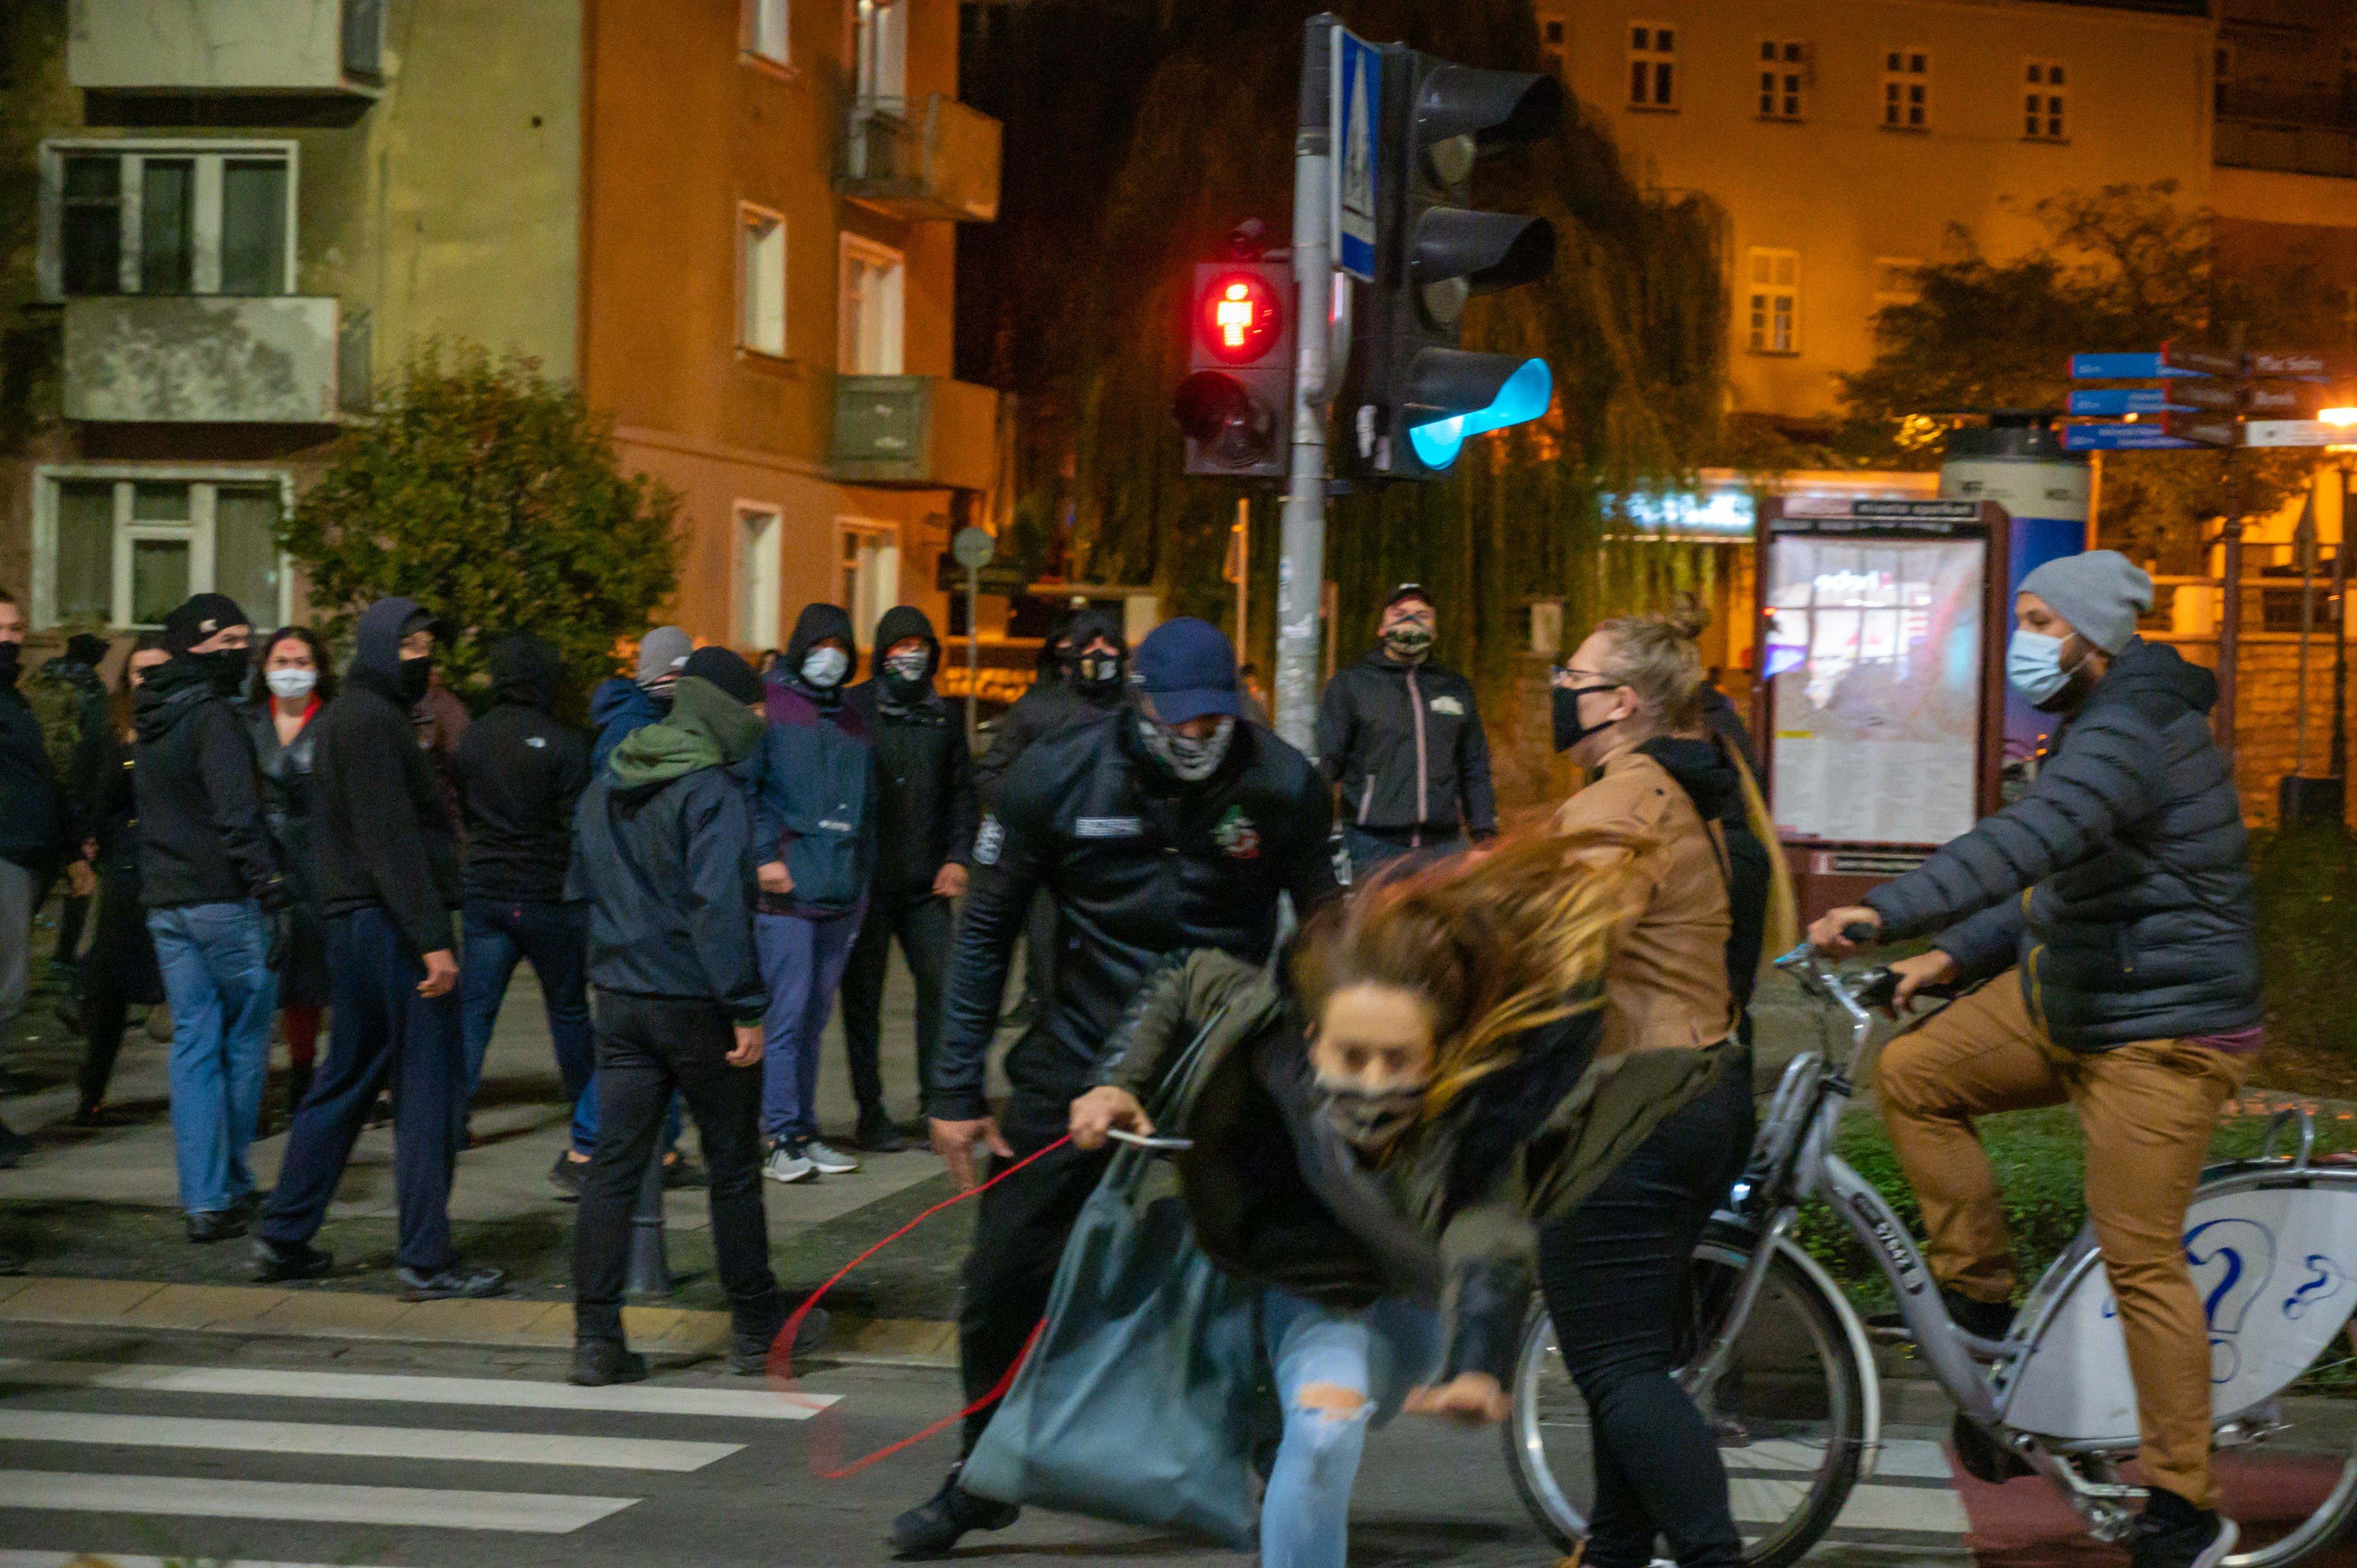 Feketébe öltözött kopaszok kövekkel és botokkal támadtak az abortuszjogok korlátozása ellen tüntetőkre Wroclawban